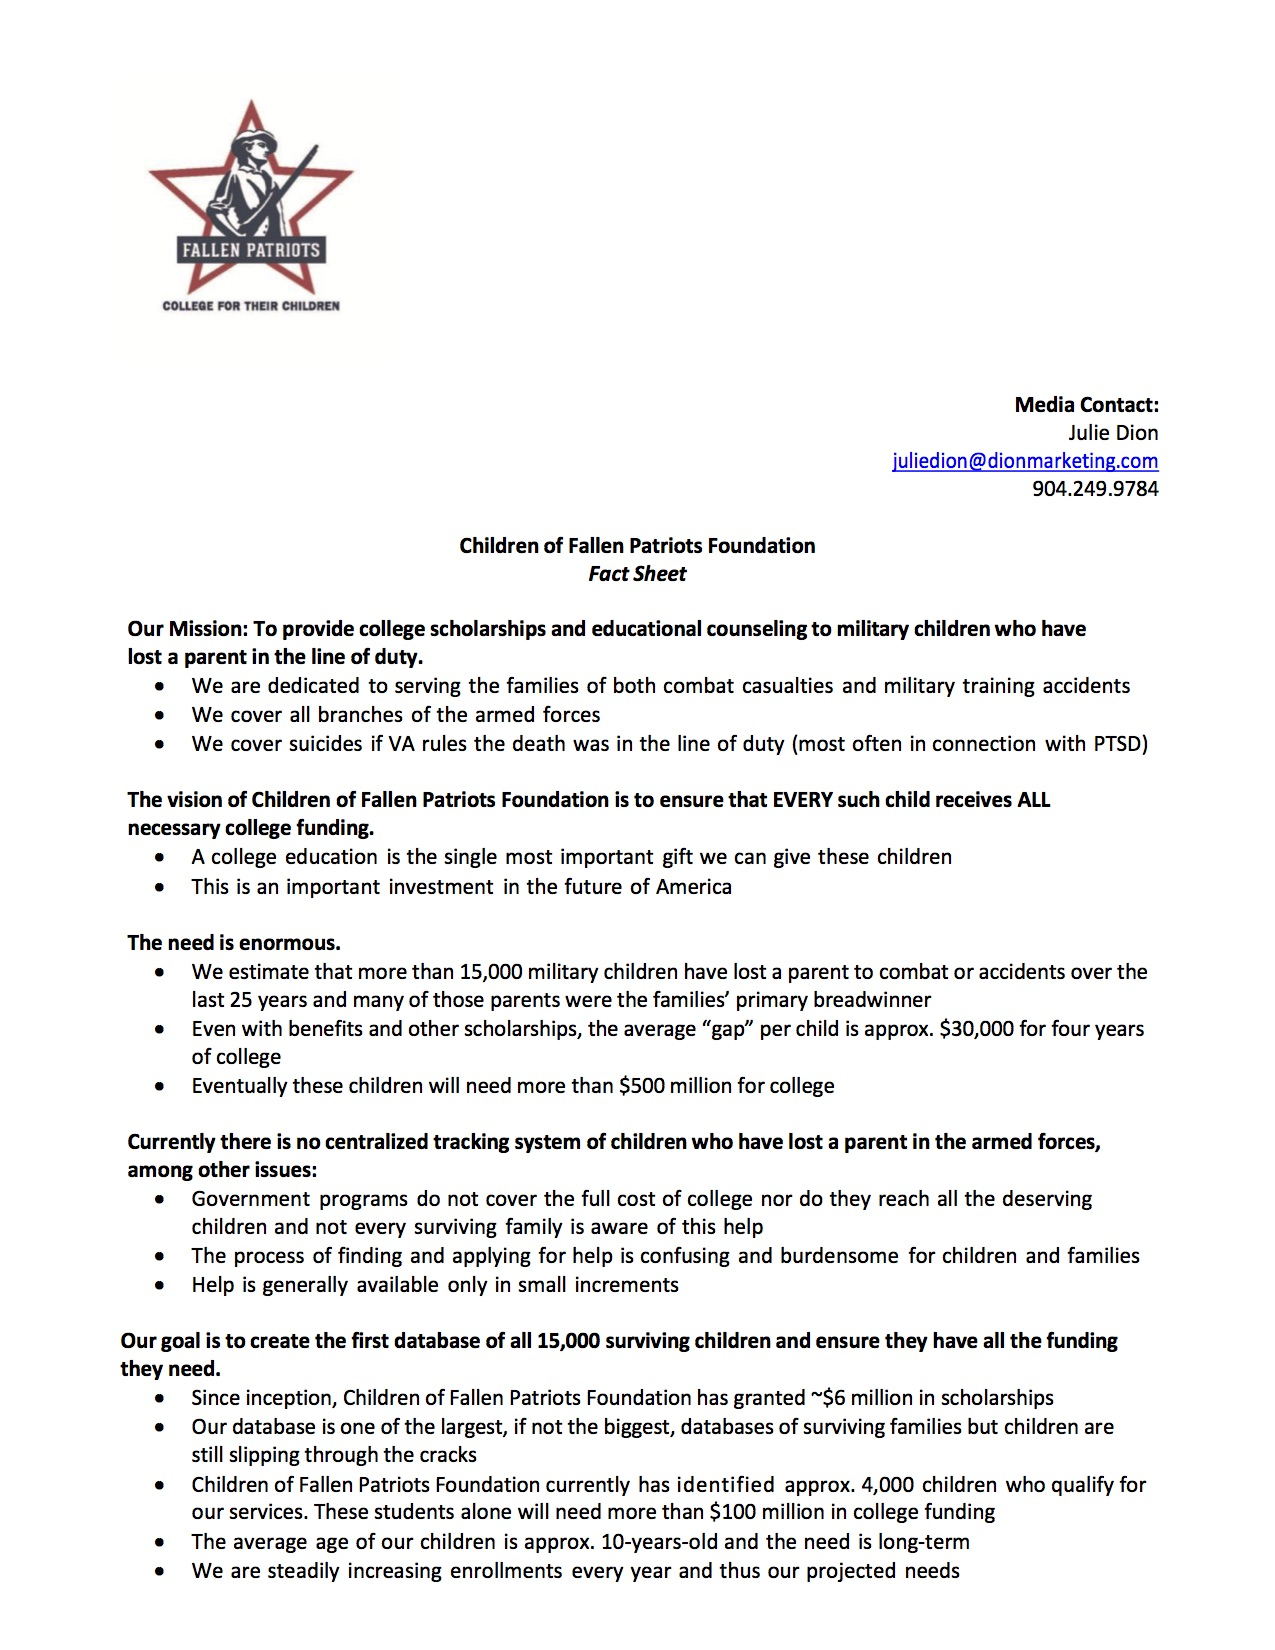 CFPF Fact Sheet (1)